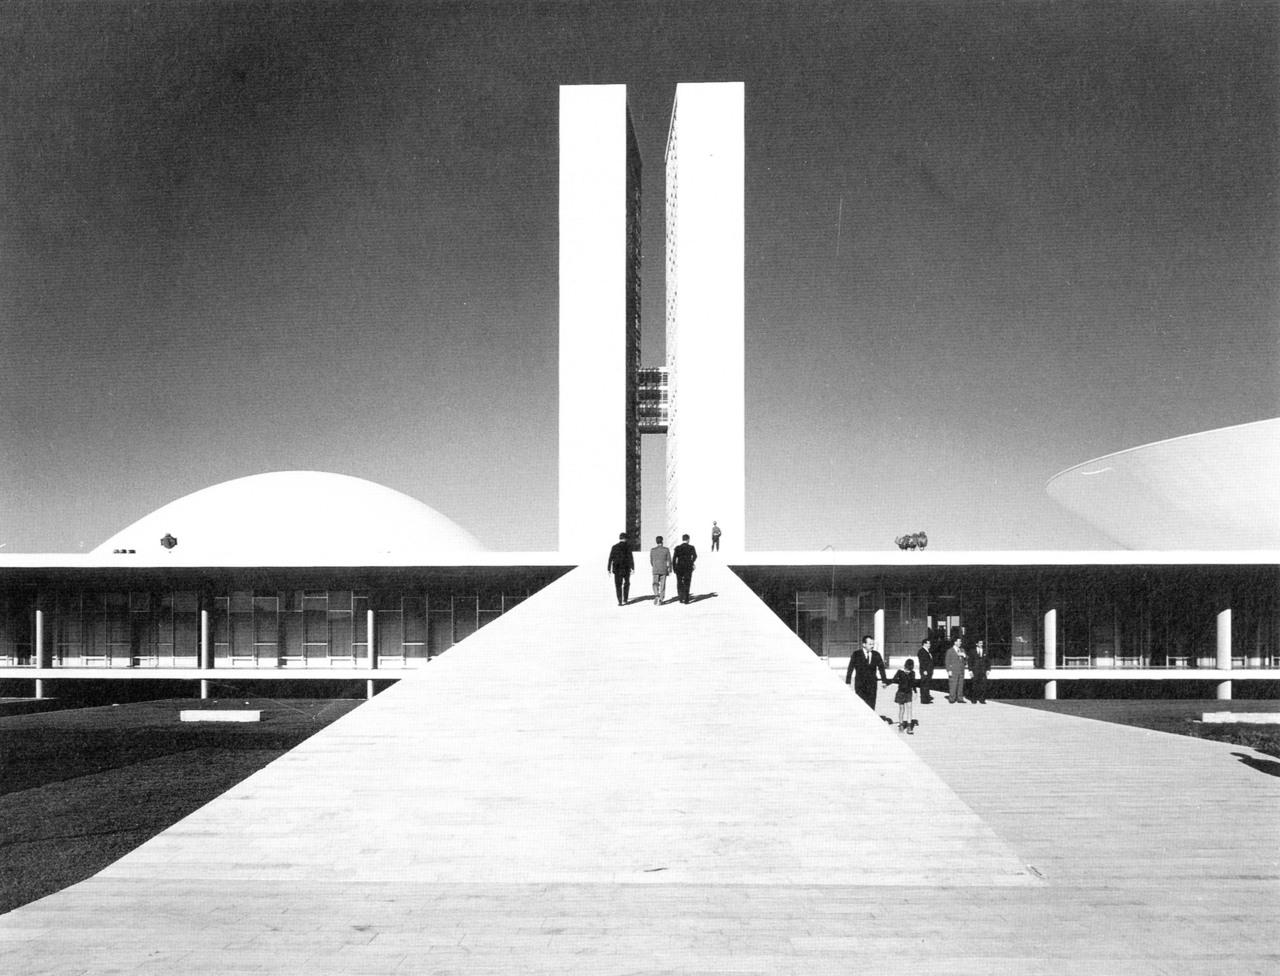 Planeta niemeyer o el viaje hacia eros y la armon a - Arquitecto de brasilia ...